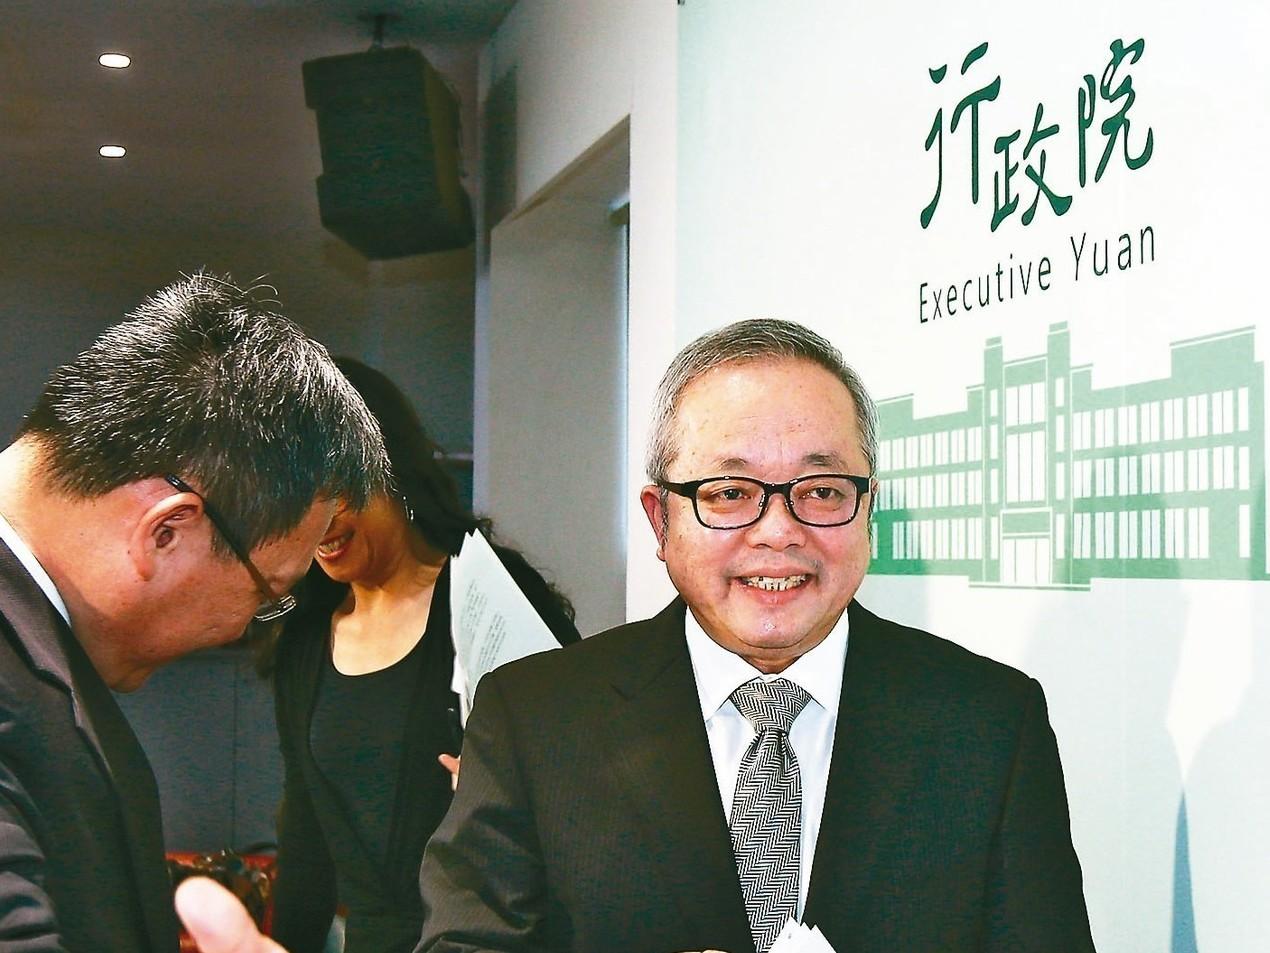 行政院副院長施俊吉(右)上午針對「經濟紅利」財政來源等舉行記者會說明,表示會從長...